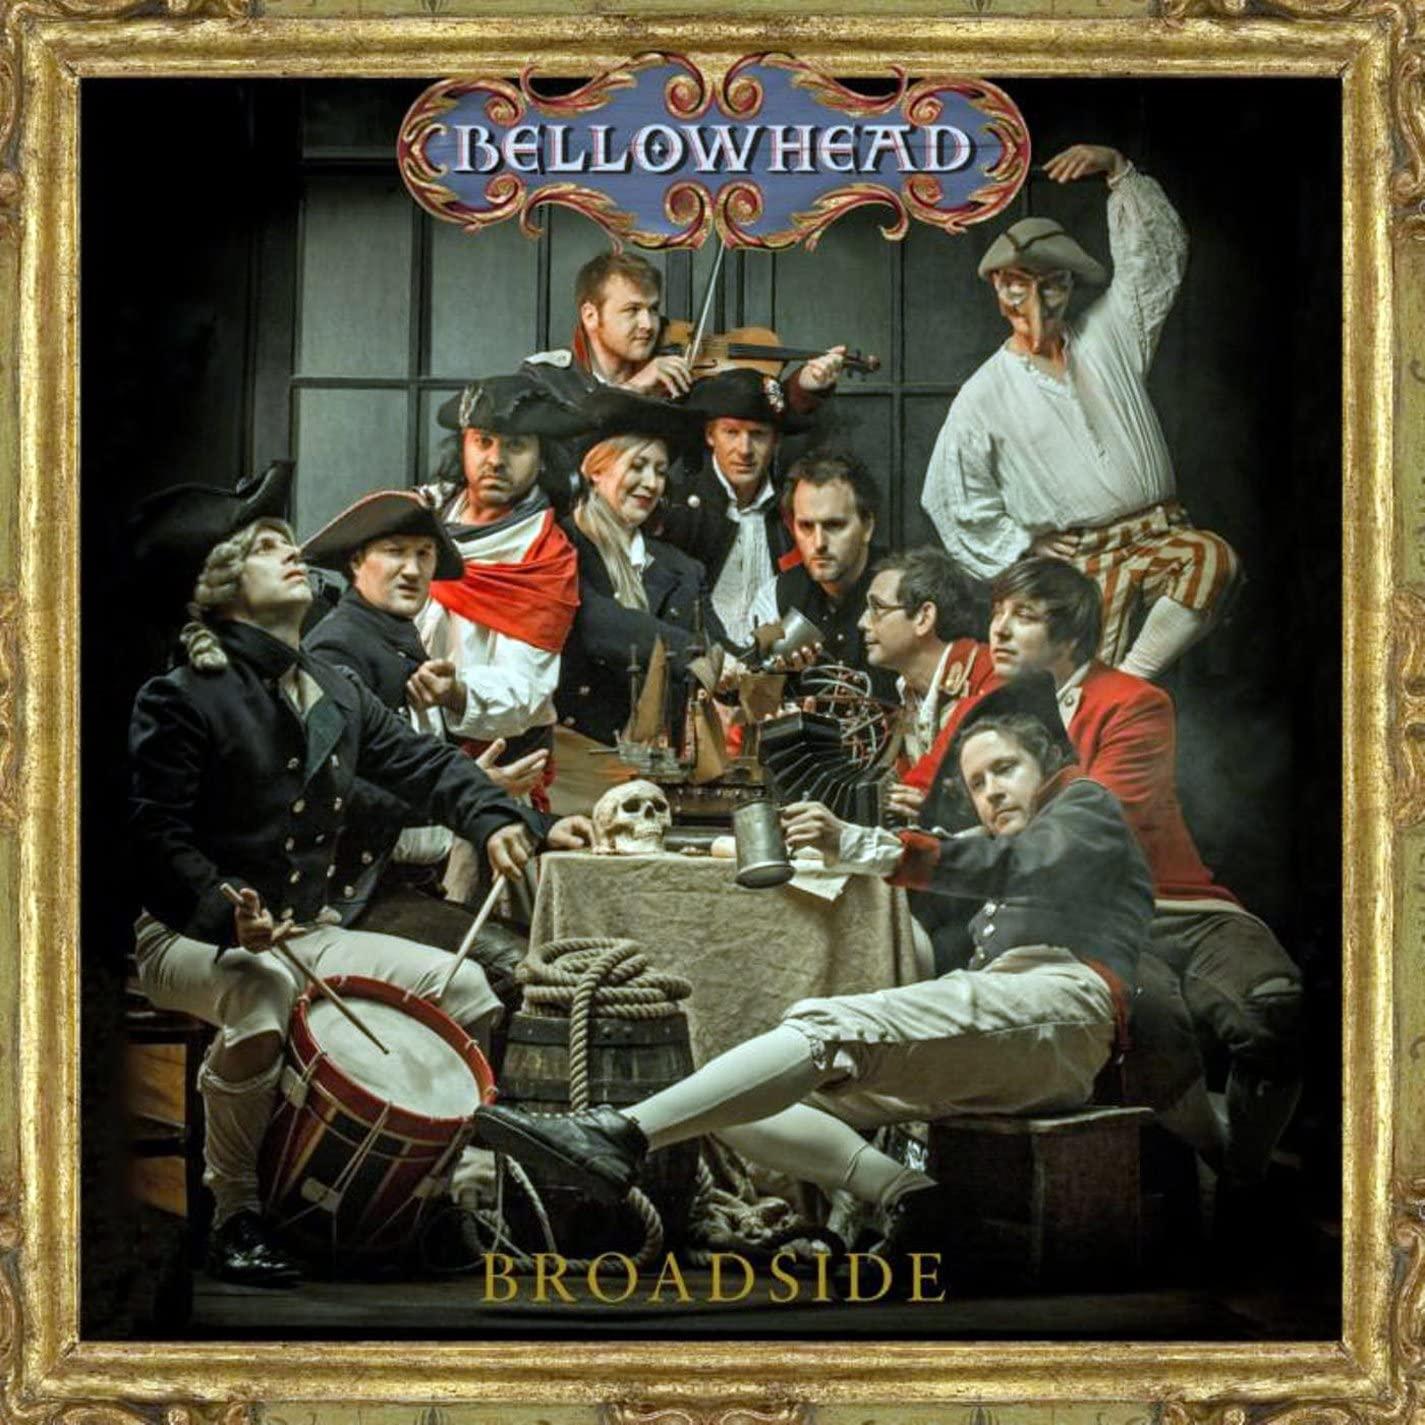 Buy Online Bellowhead - Broadside